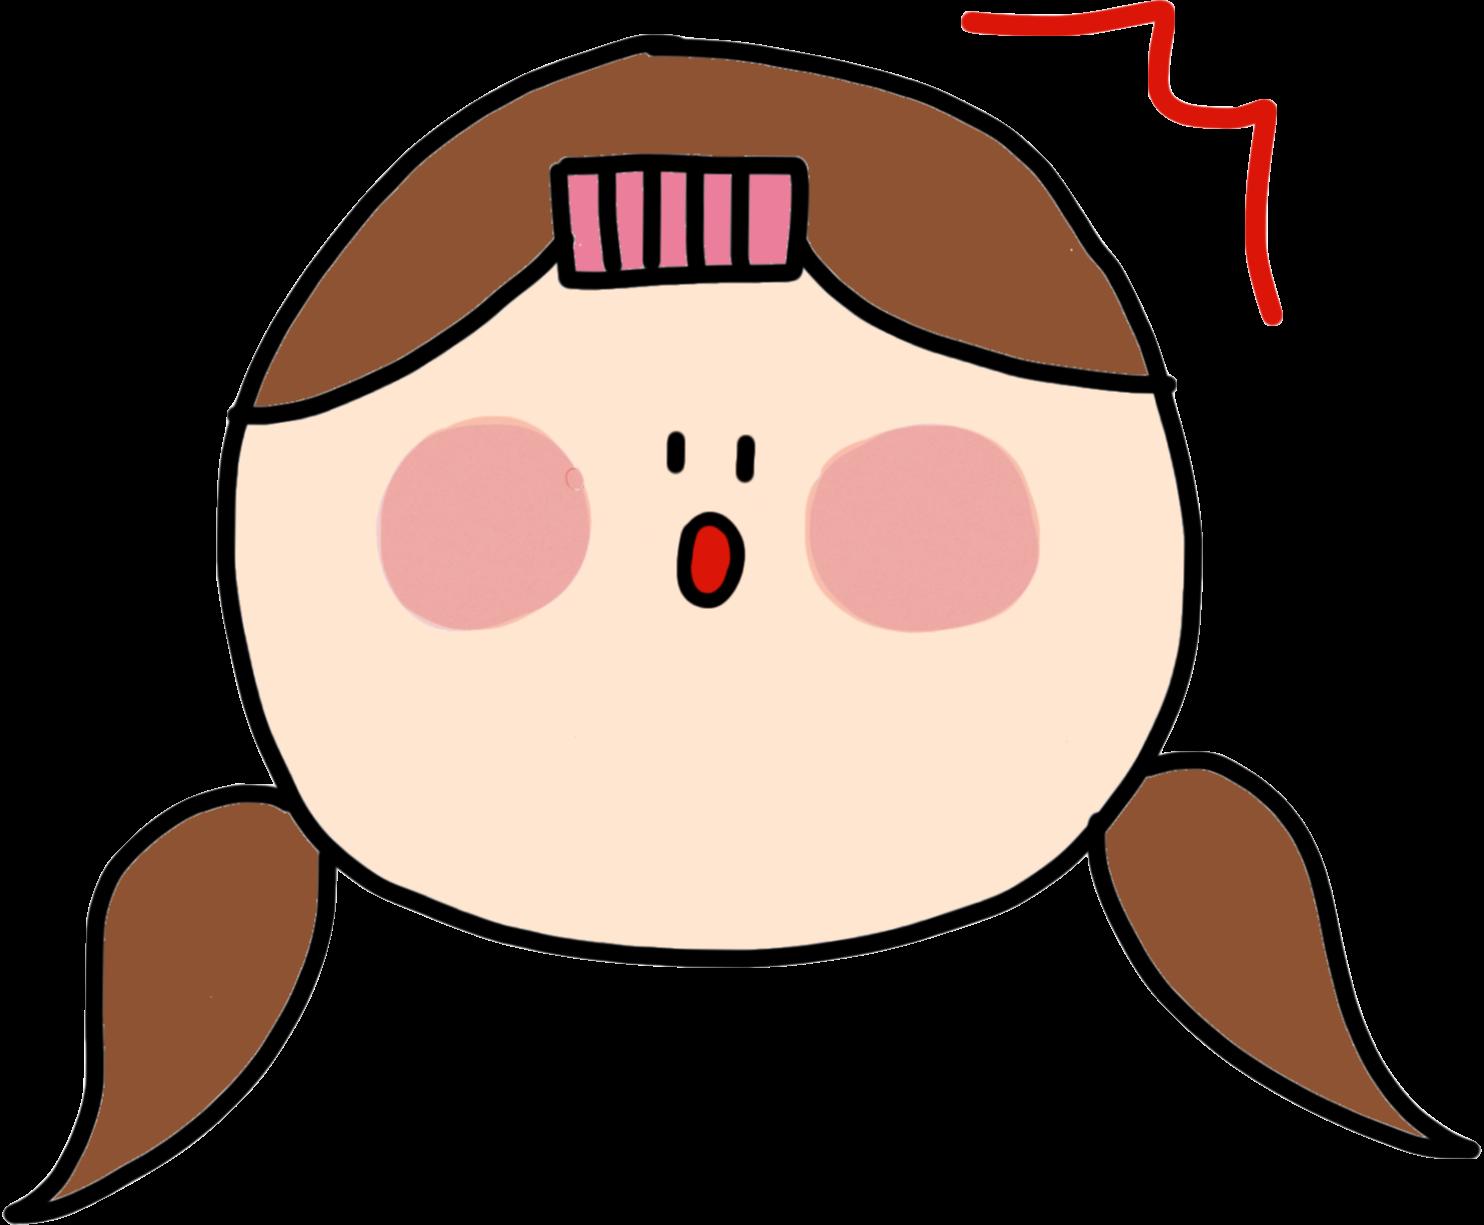 내친구 라미 - My friend, Lami messages sticker-4